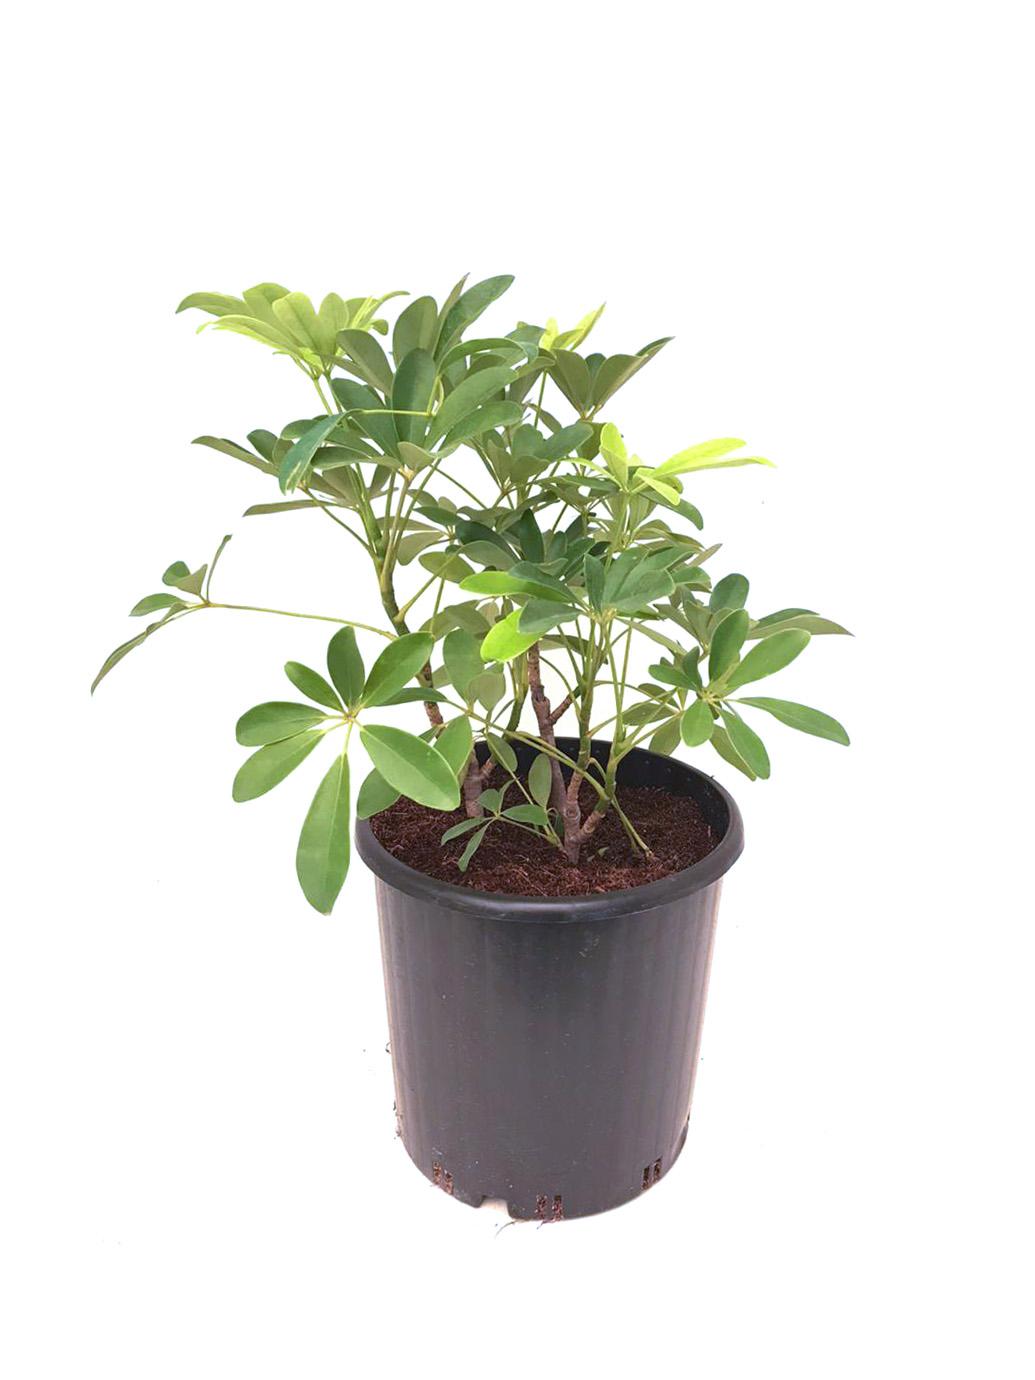 Schefflera Arboricola 'Indoor Plants'